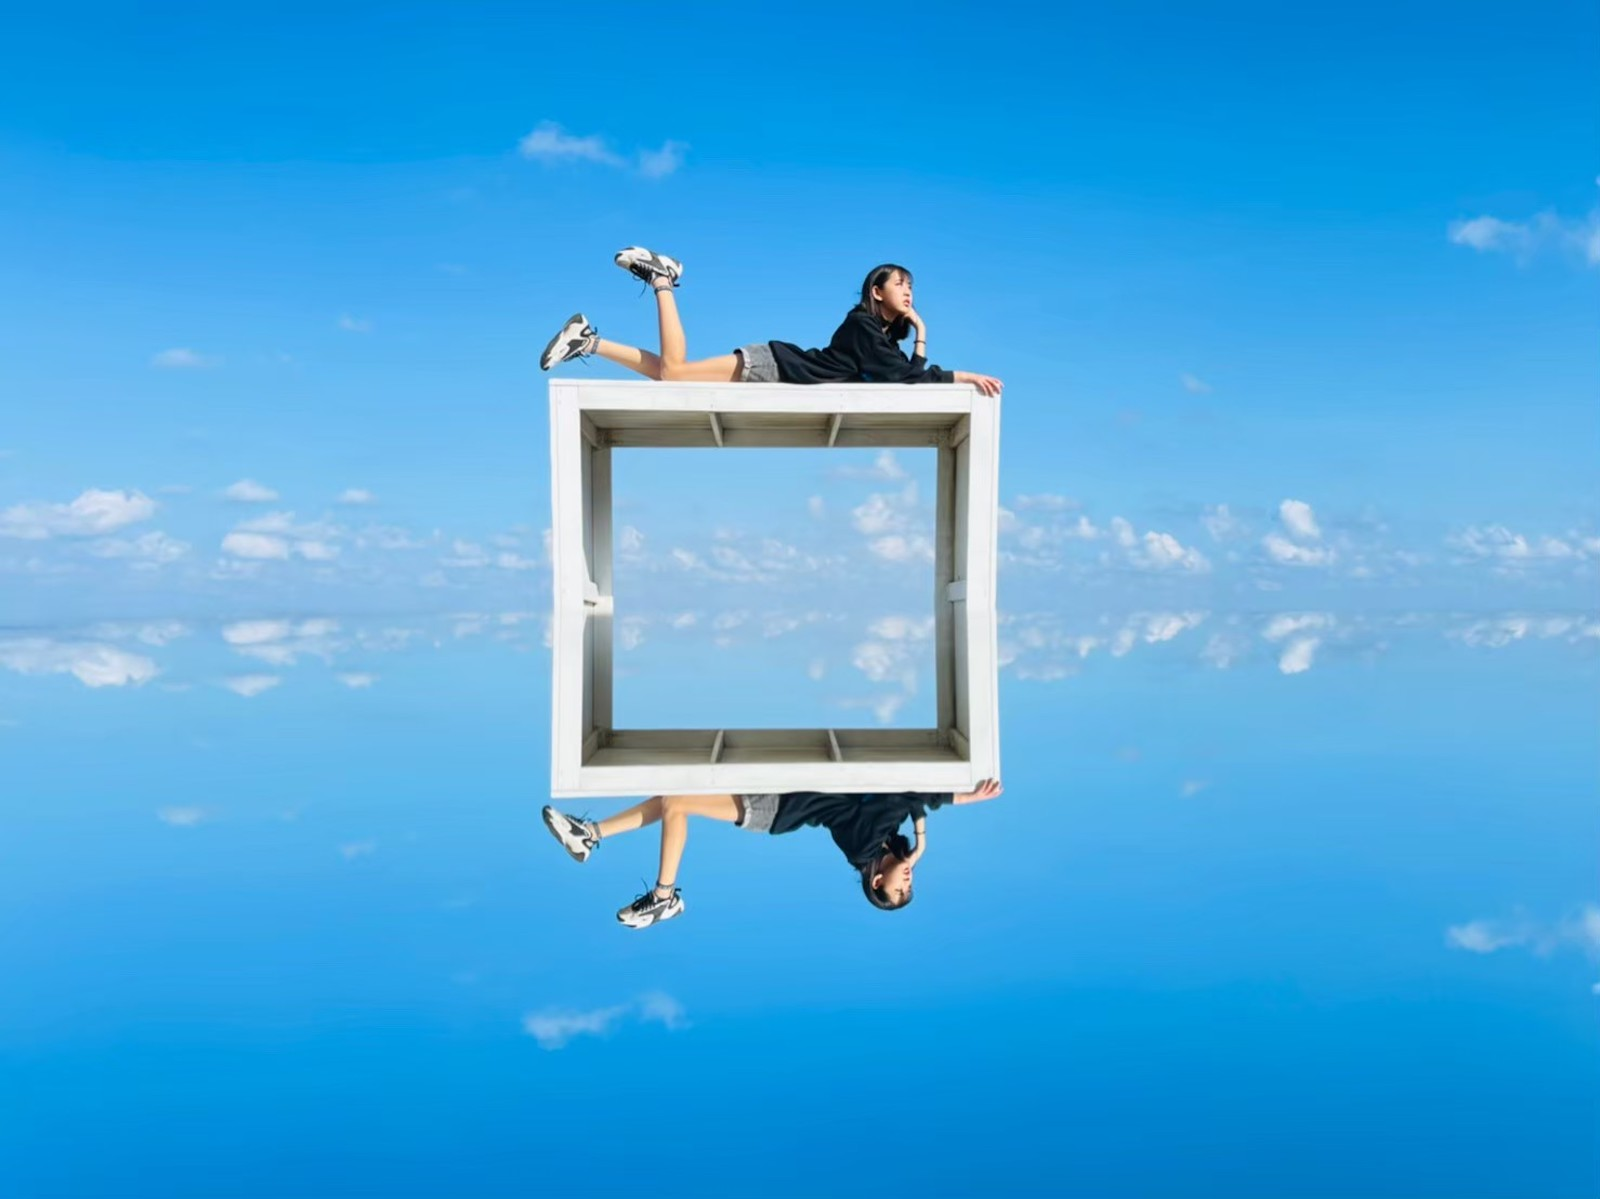 與藍天共舞天空之鏡|台版天空之鏡景點在這,免出國也能拍美照!